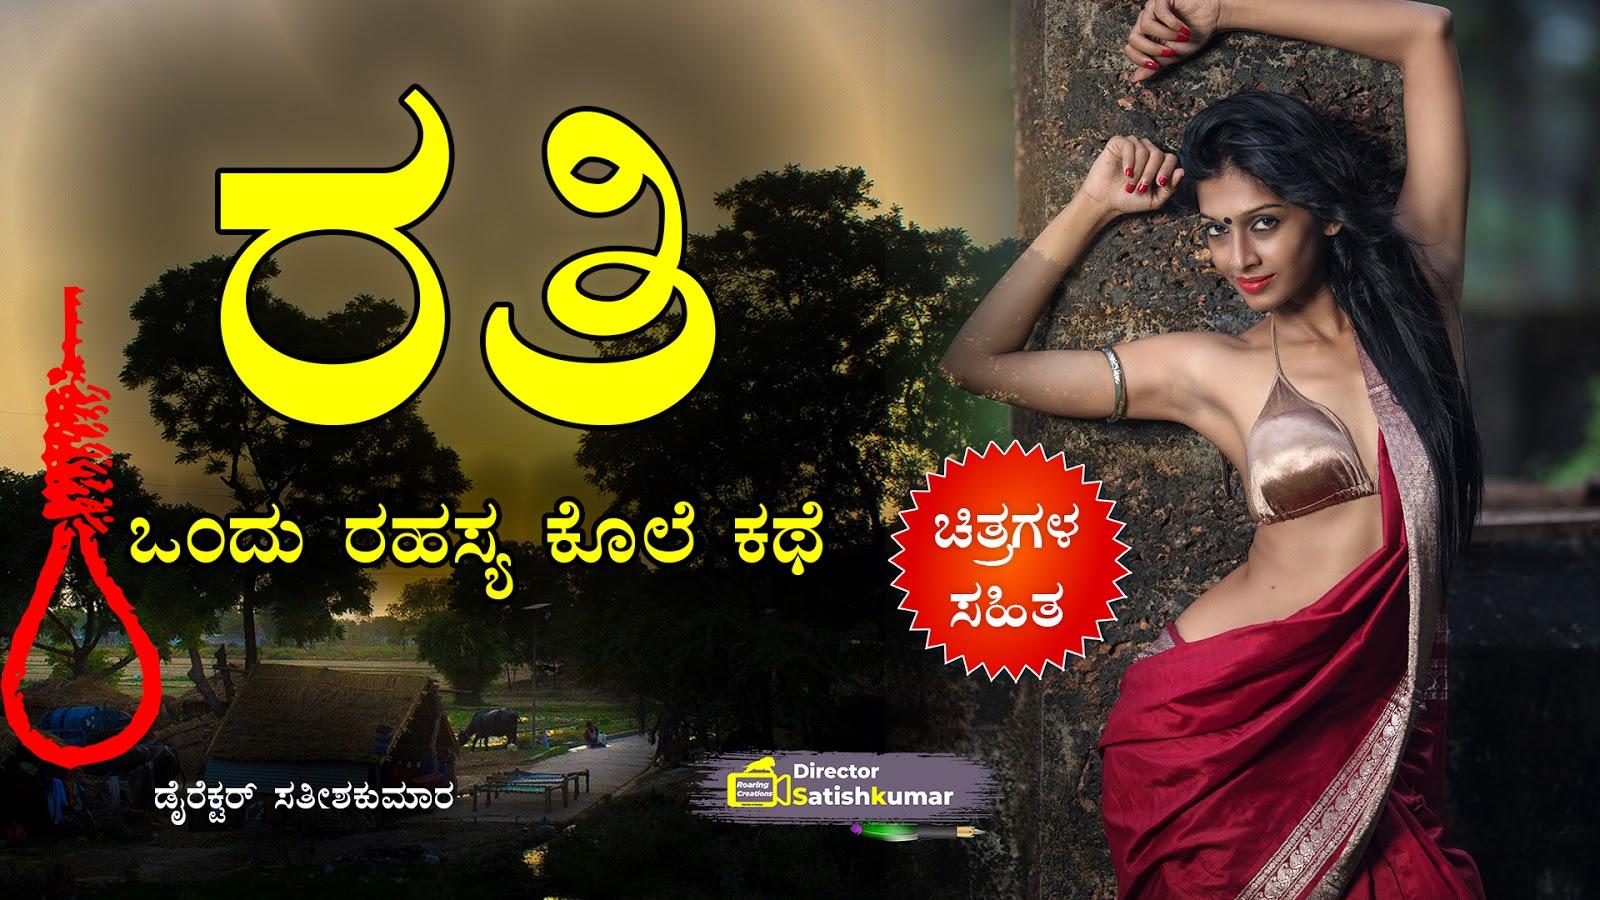 ರತಿ - ಒಂದು ರಹಸ್ಯ ಕೊಲೆ ಕಥೆ - Kannada Revenge Love Story